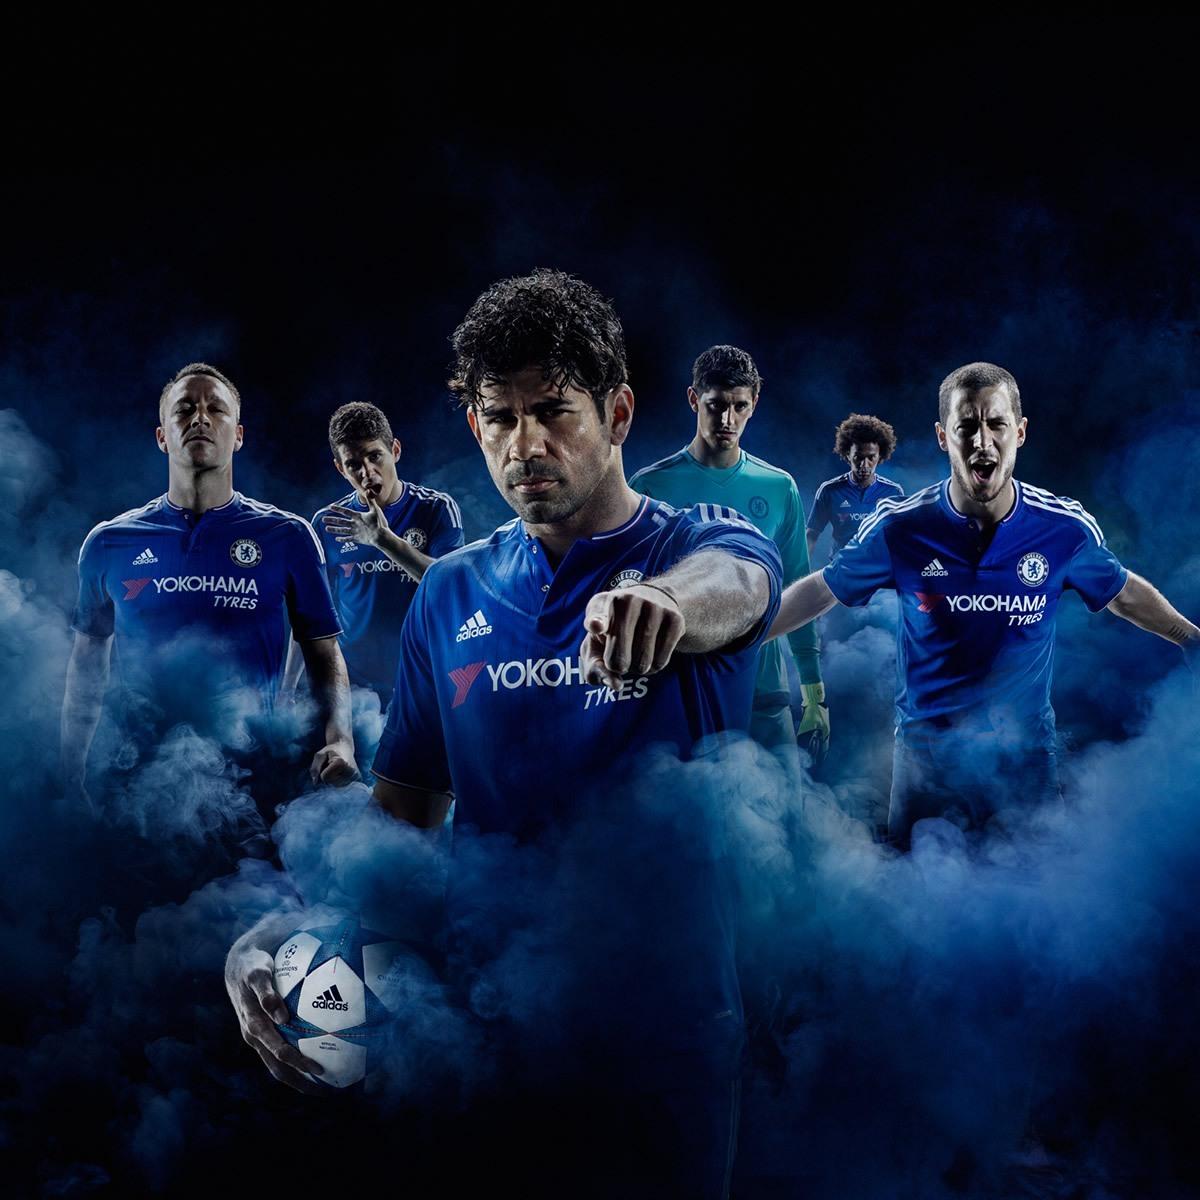 Nueva casaca del Chelsea | Foto Adidas